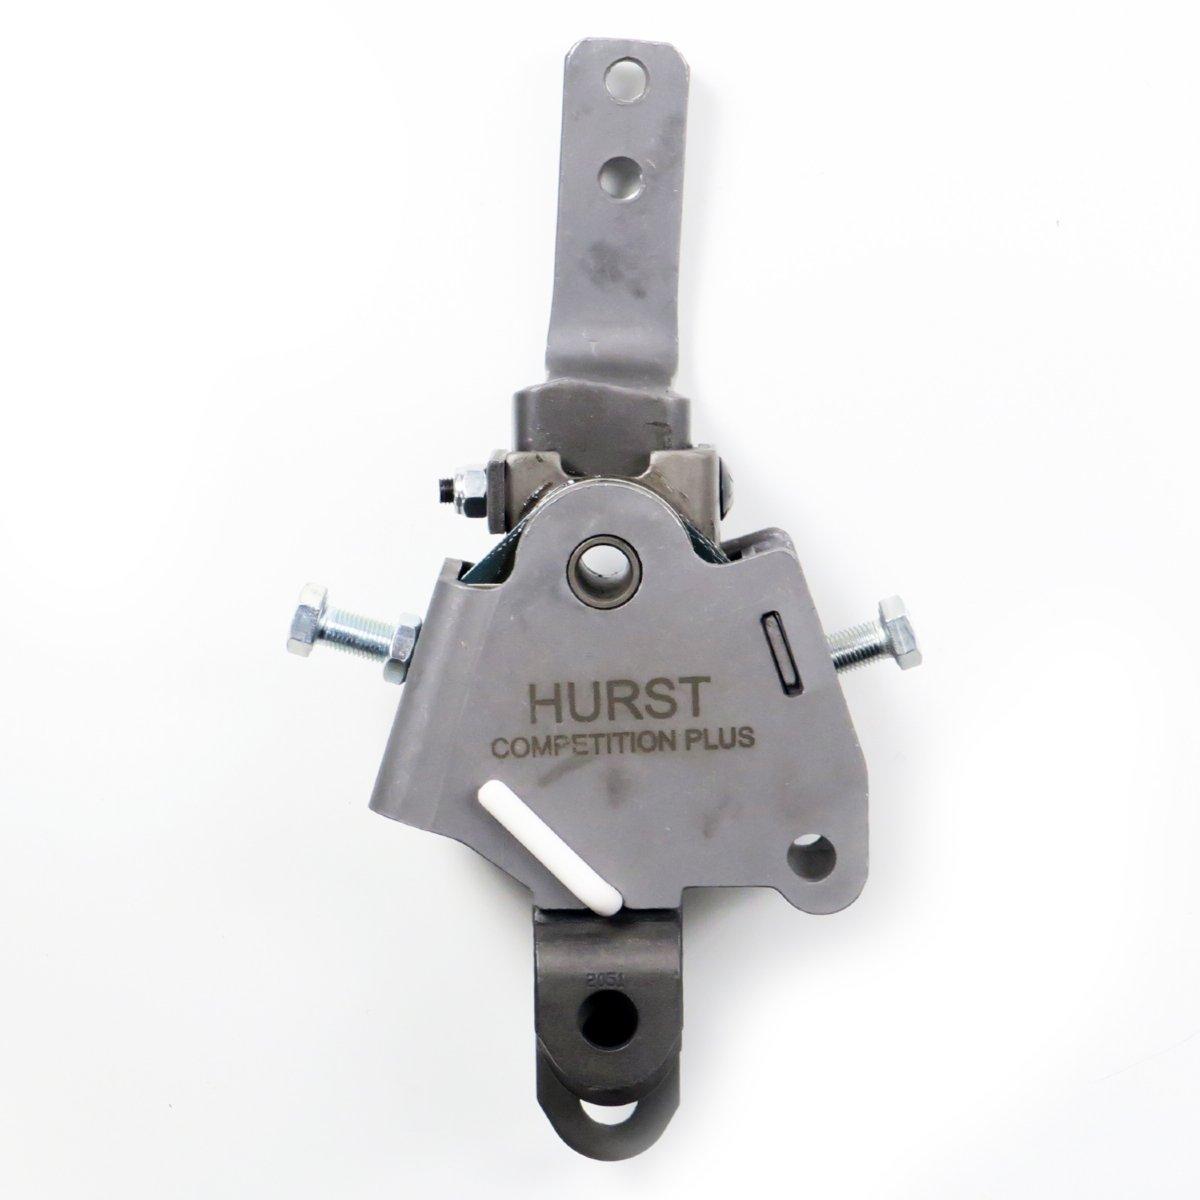 Hurst 3918010 Comp Plus Shifter Mechanism For Hurst